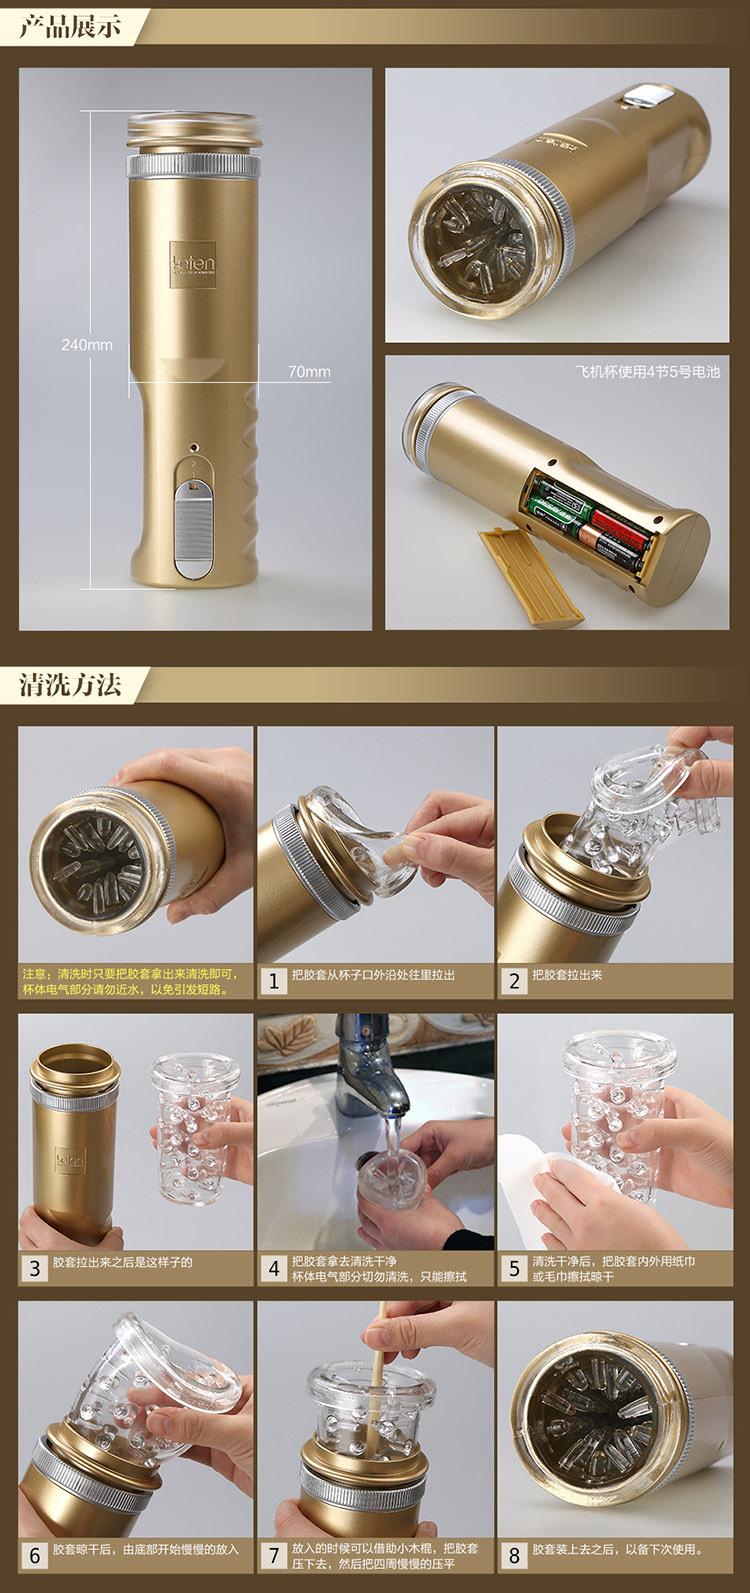 8产品展示清洗图